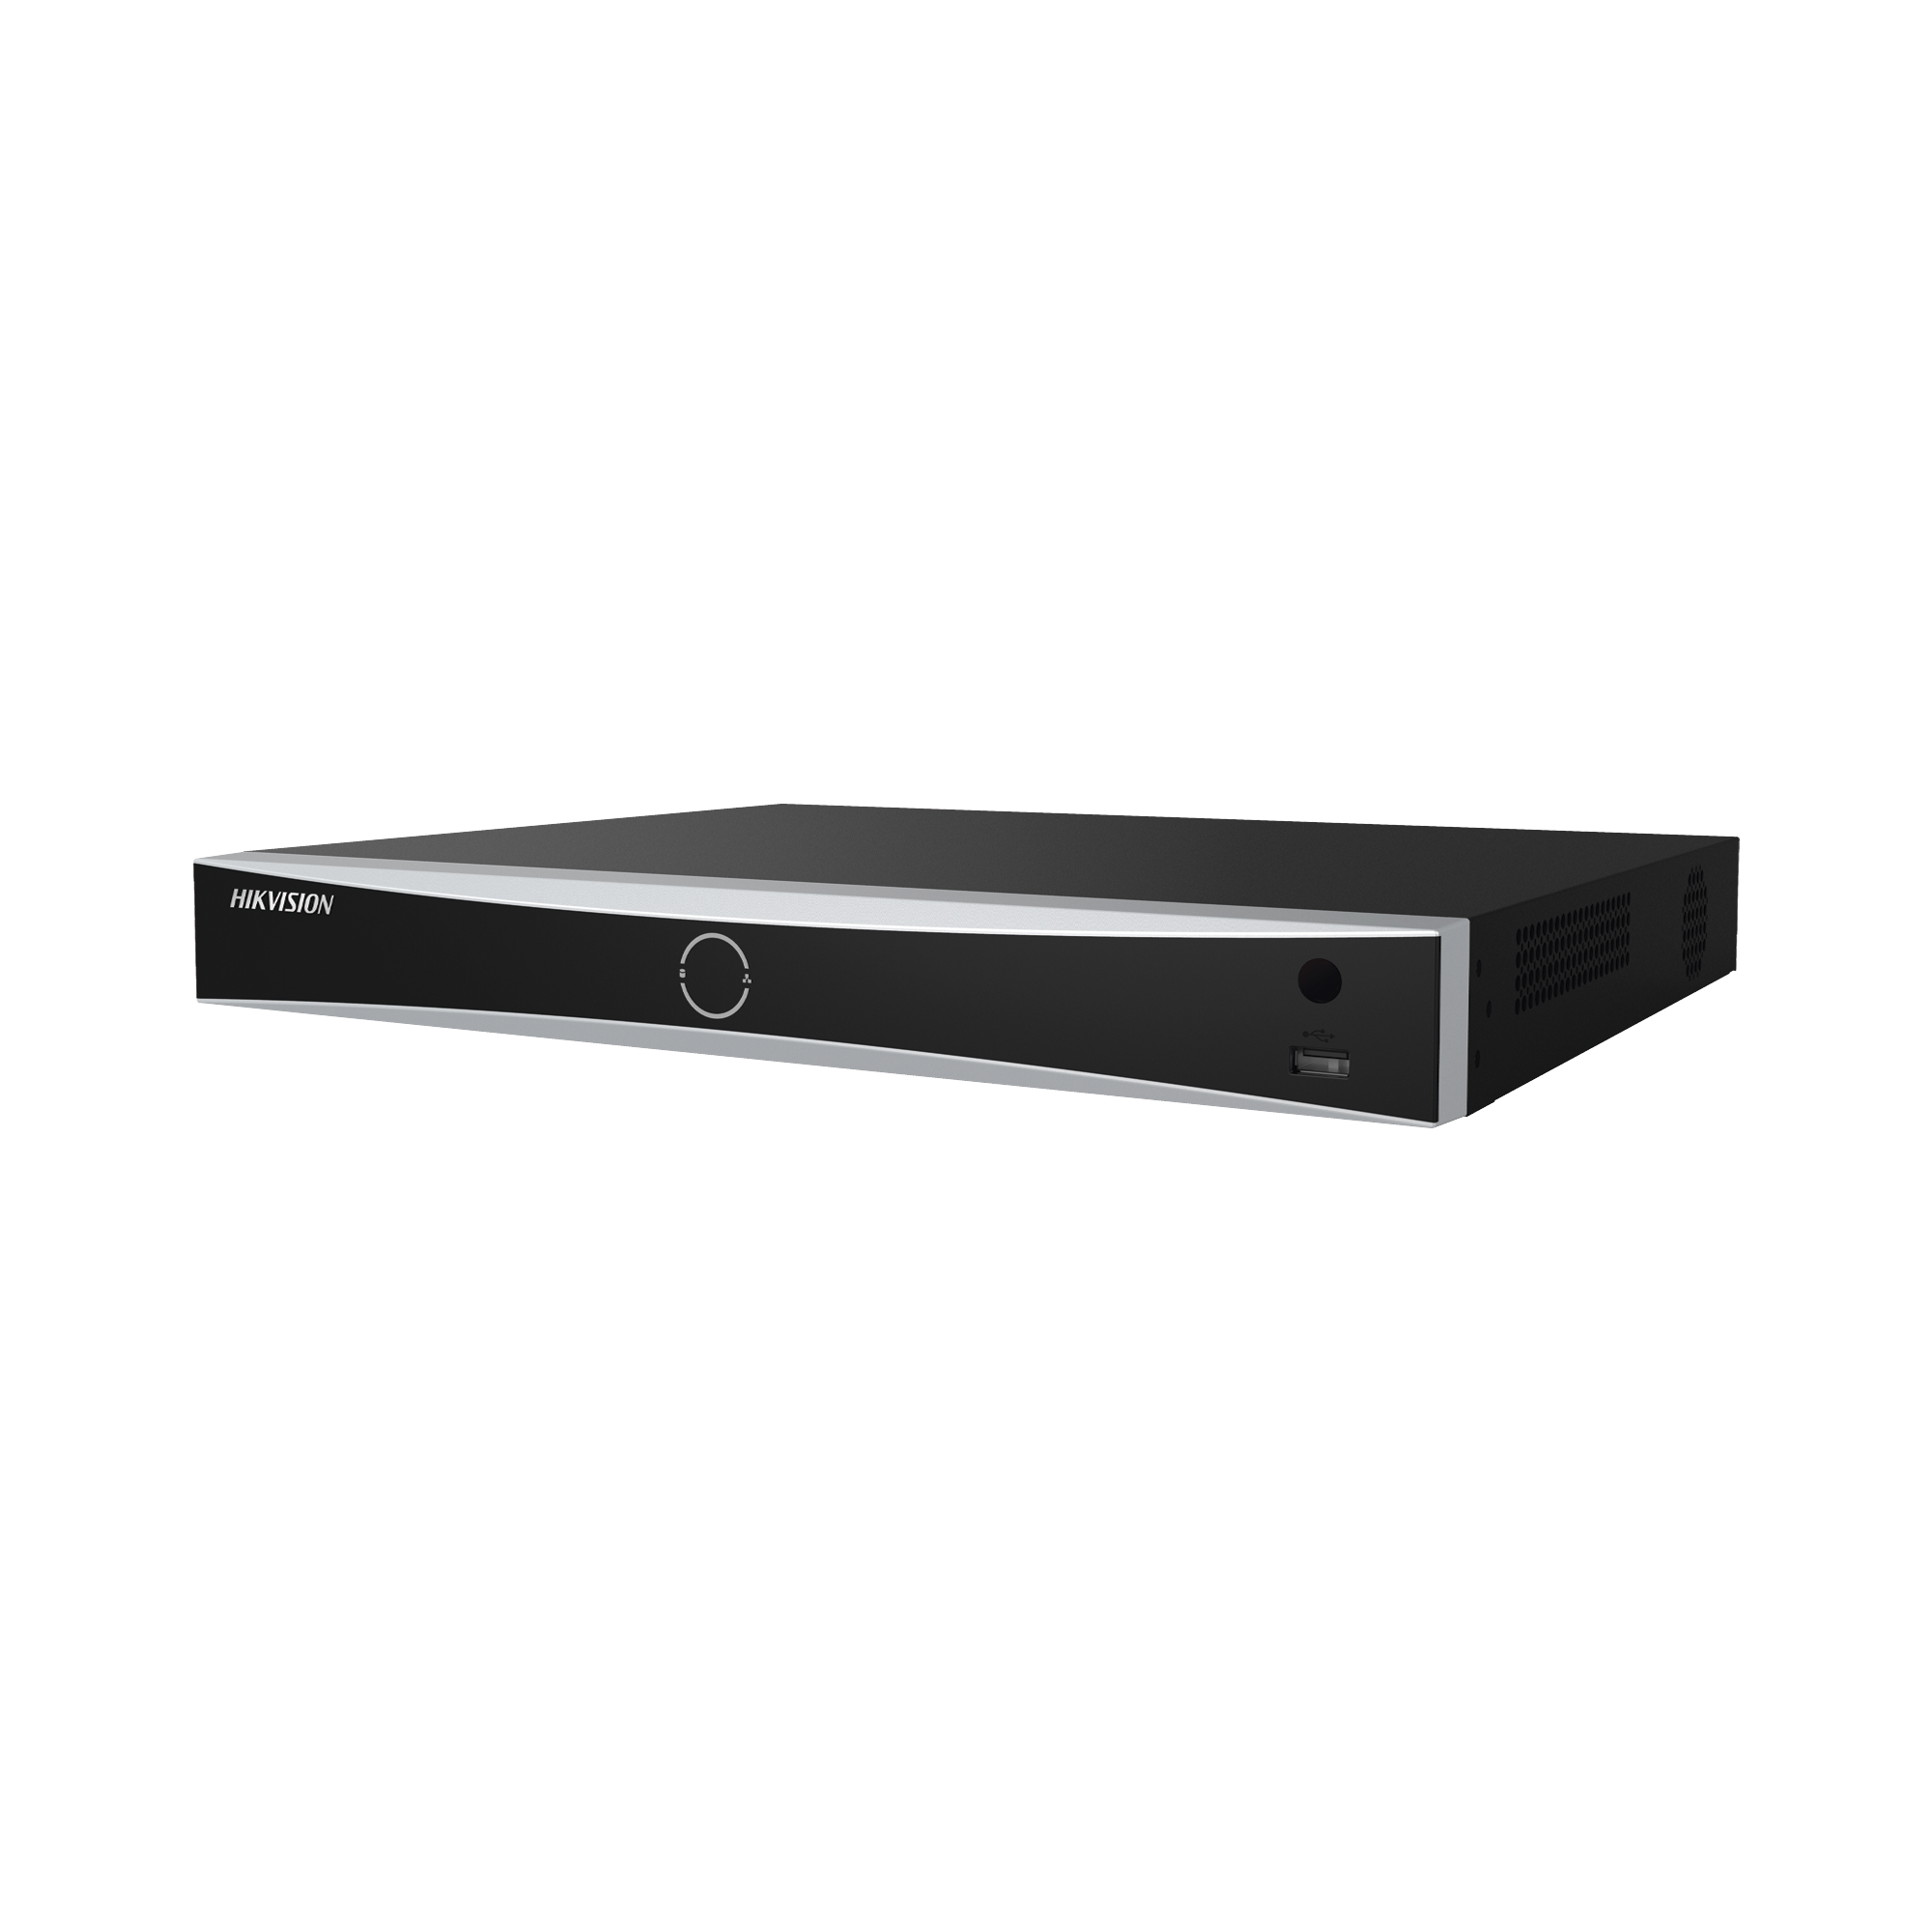 NVR 12 Megapixel (4K) / Reconocimiento Facial / 8 Canales IP / Base de Datos / Hasta 100,000 Fotografías / 8 Puertos PoE+ / 2 Bahías de Disco Duro / Switch PoE 300 mts / Bases de Datos / HDMI en 4K